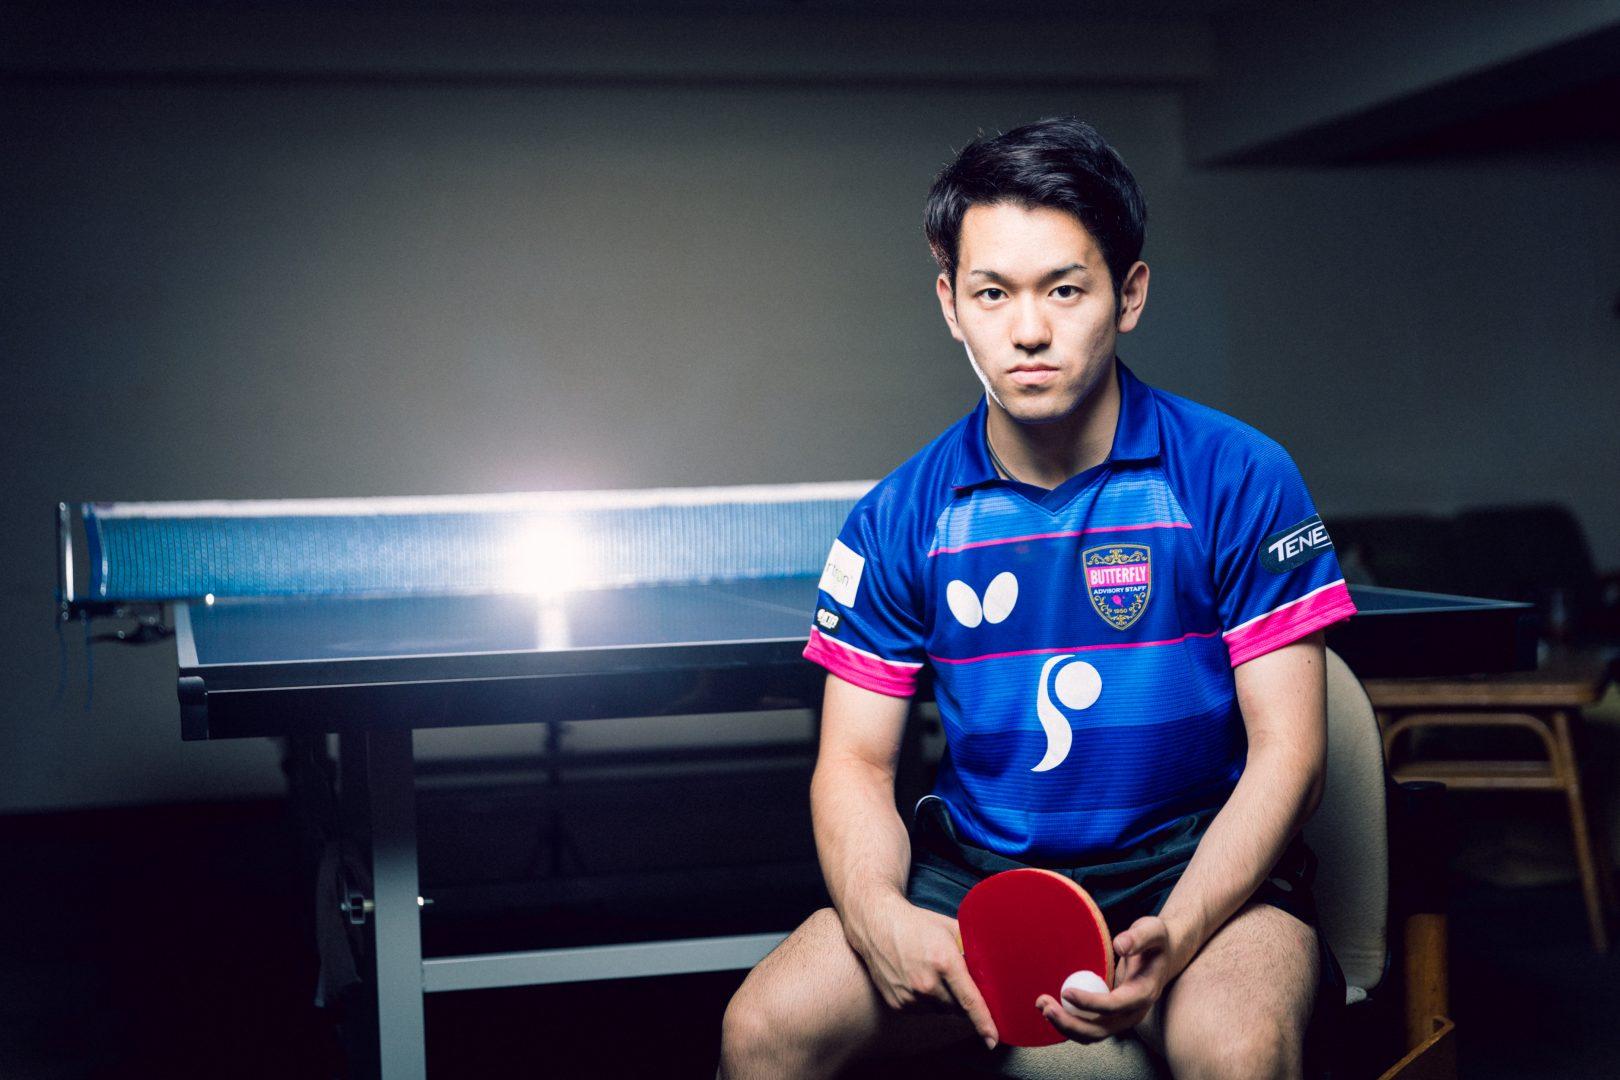 張本コーチの愛弟子・及川瑞基 「スピード×思考」の卓球で世界へ挑む